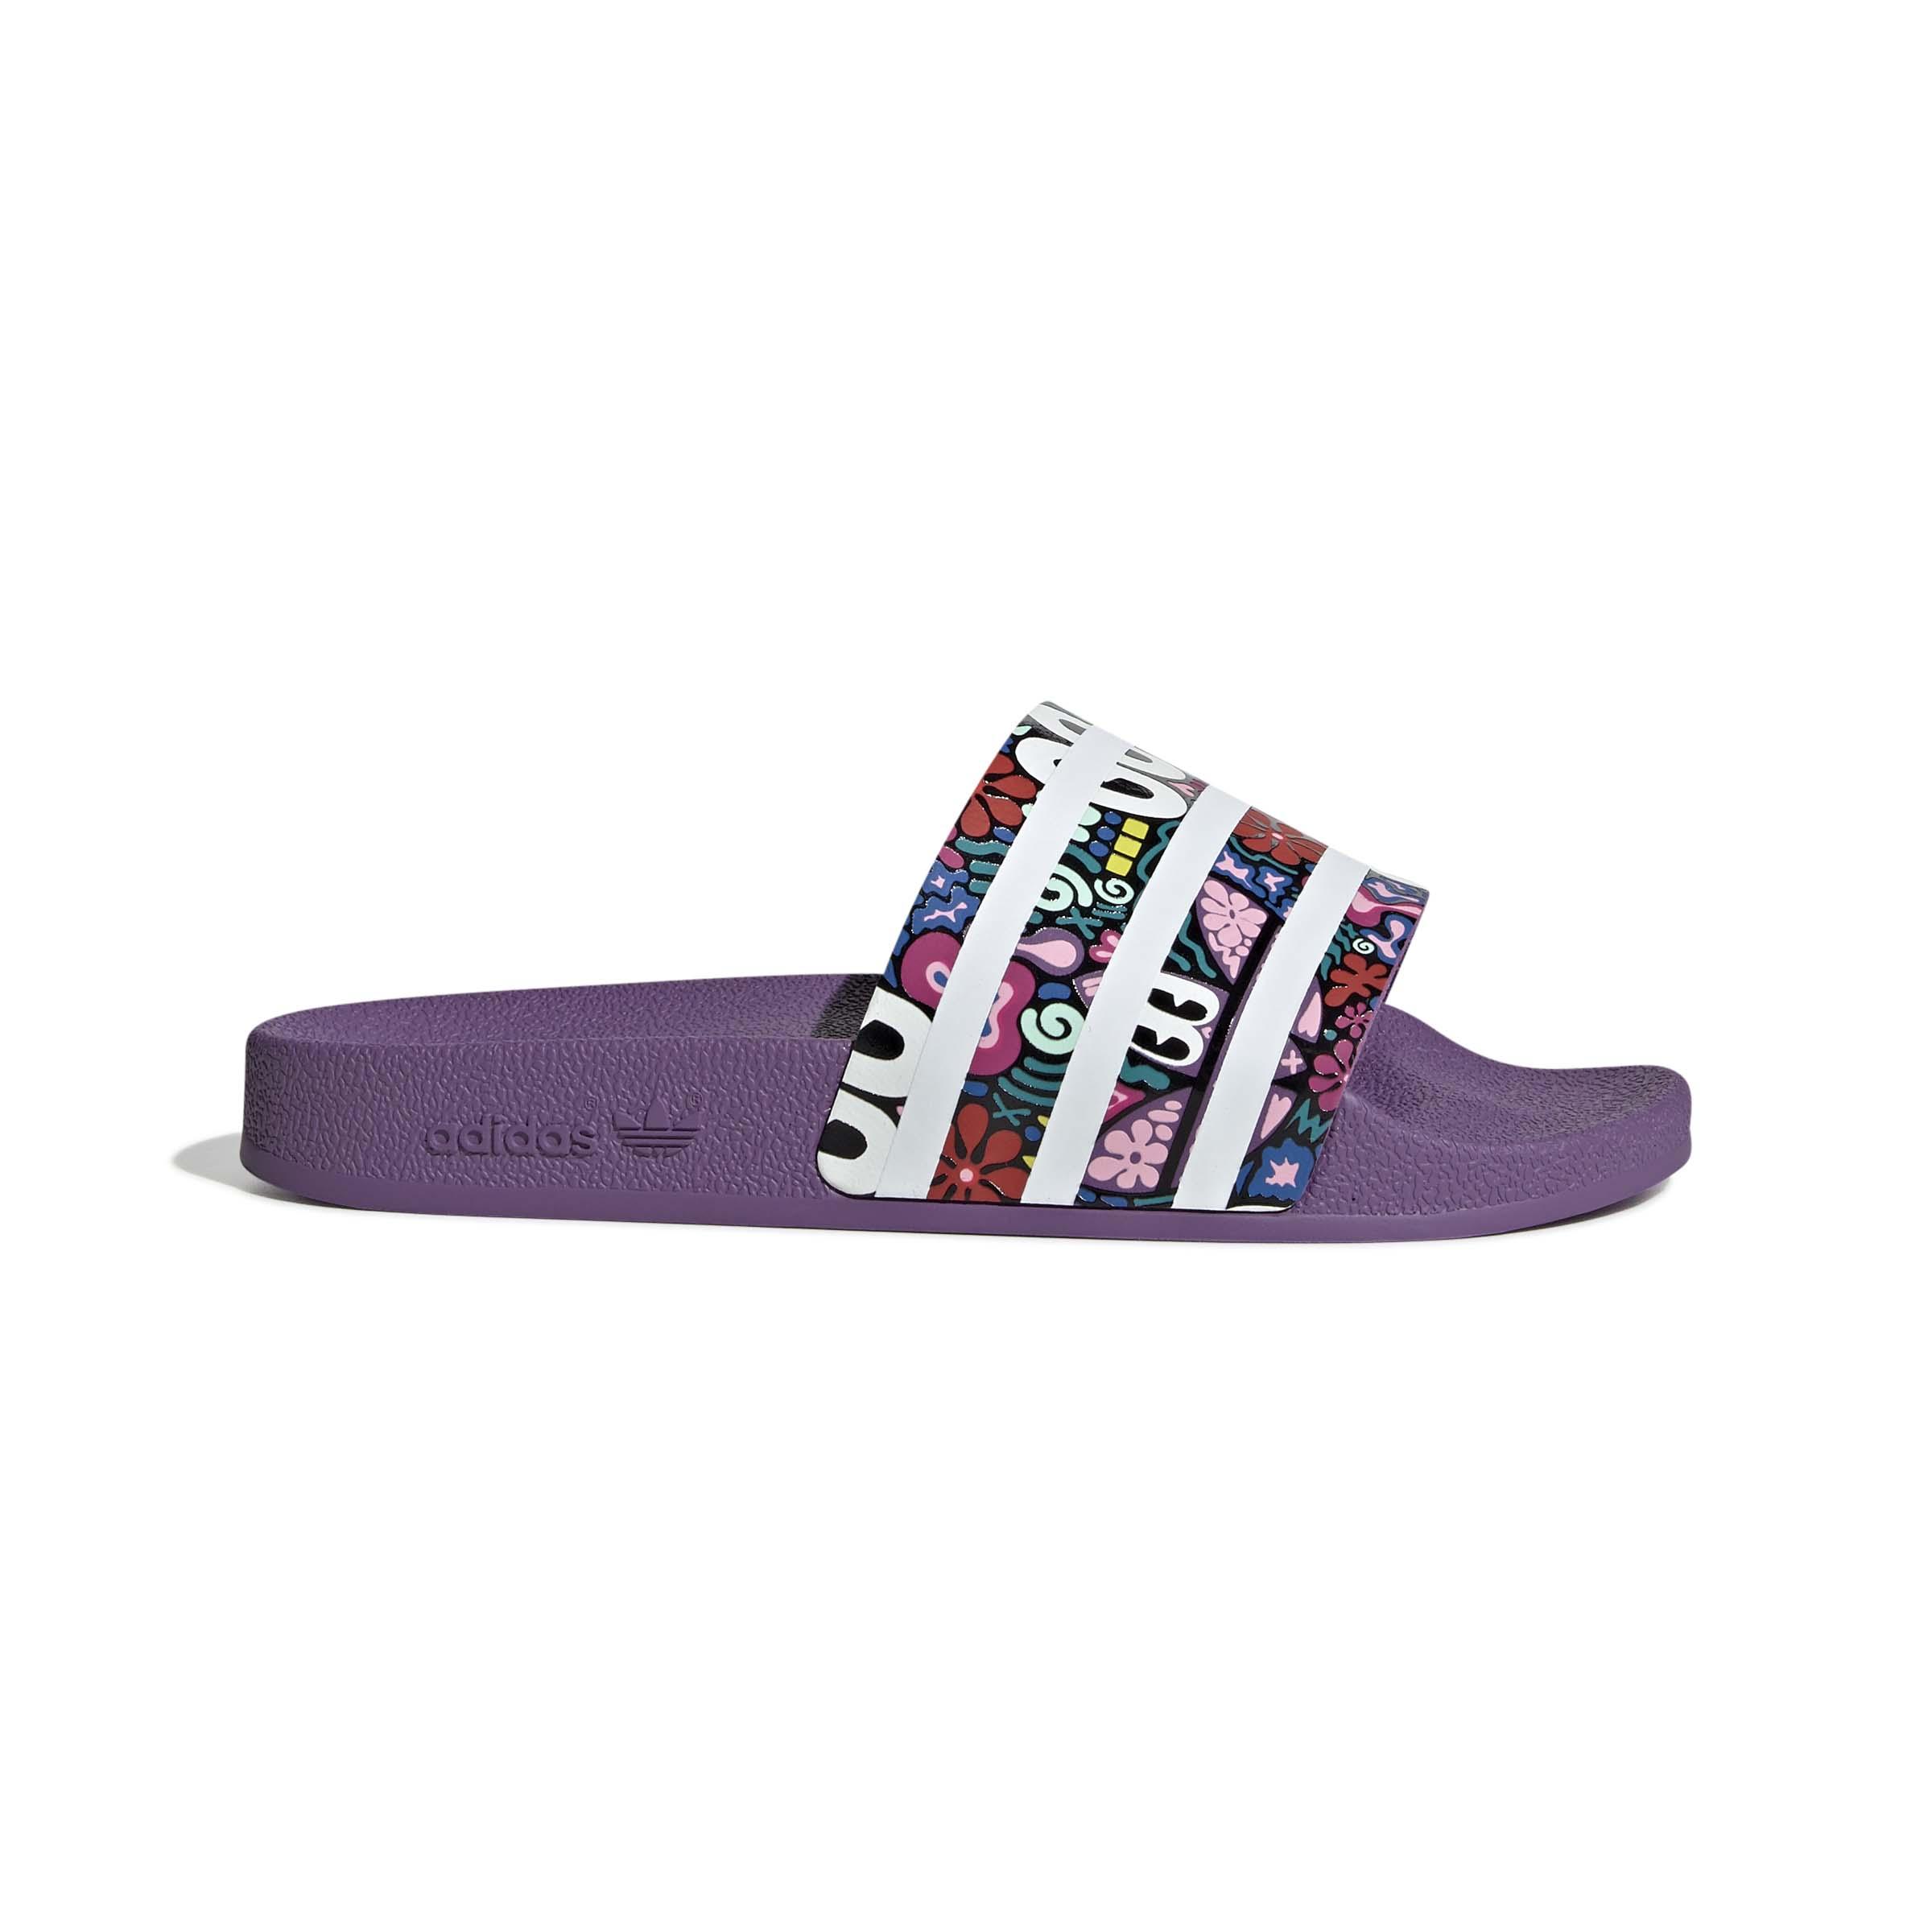 Adilette Slides Purple - נשים Adidas